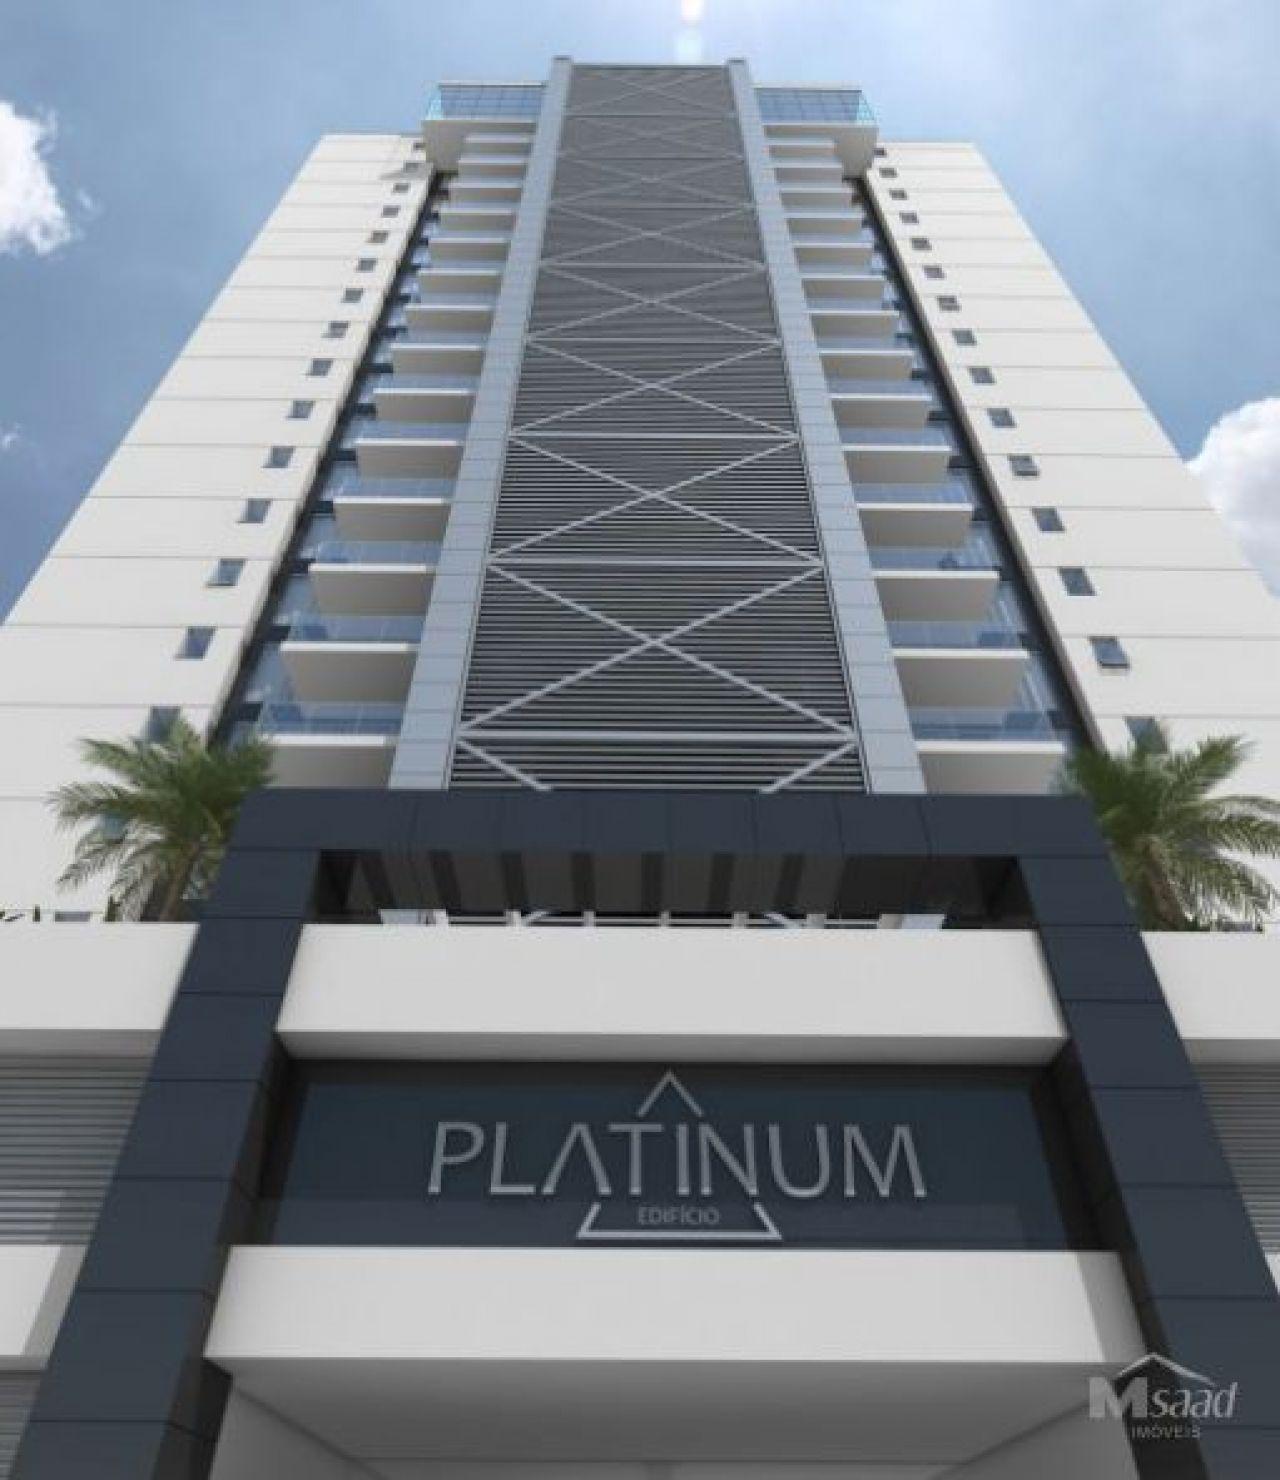 <strong>Edifício Platinum</strong>